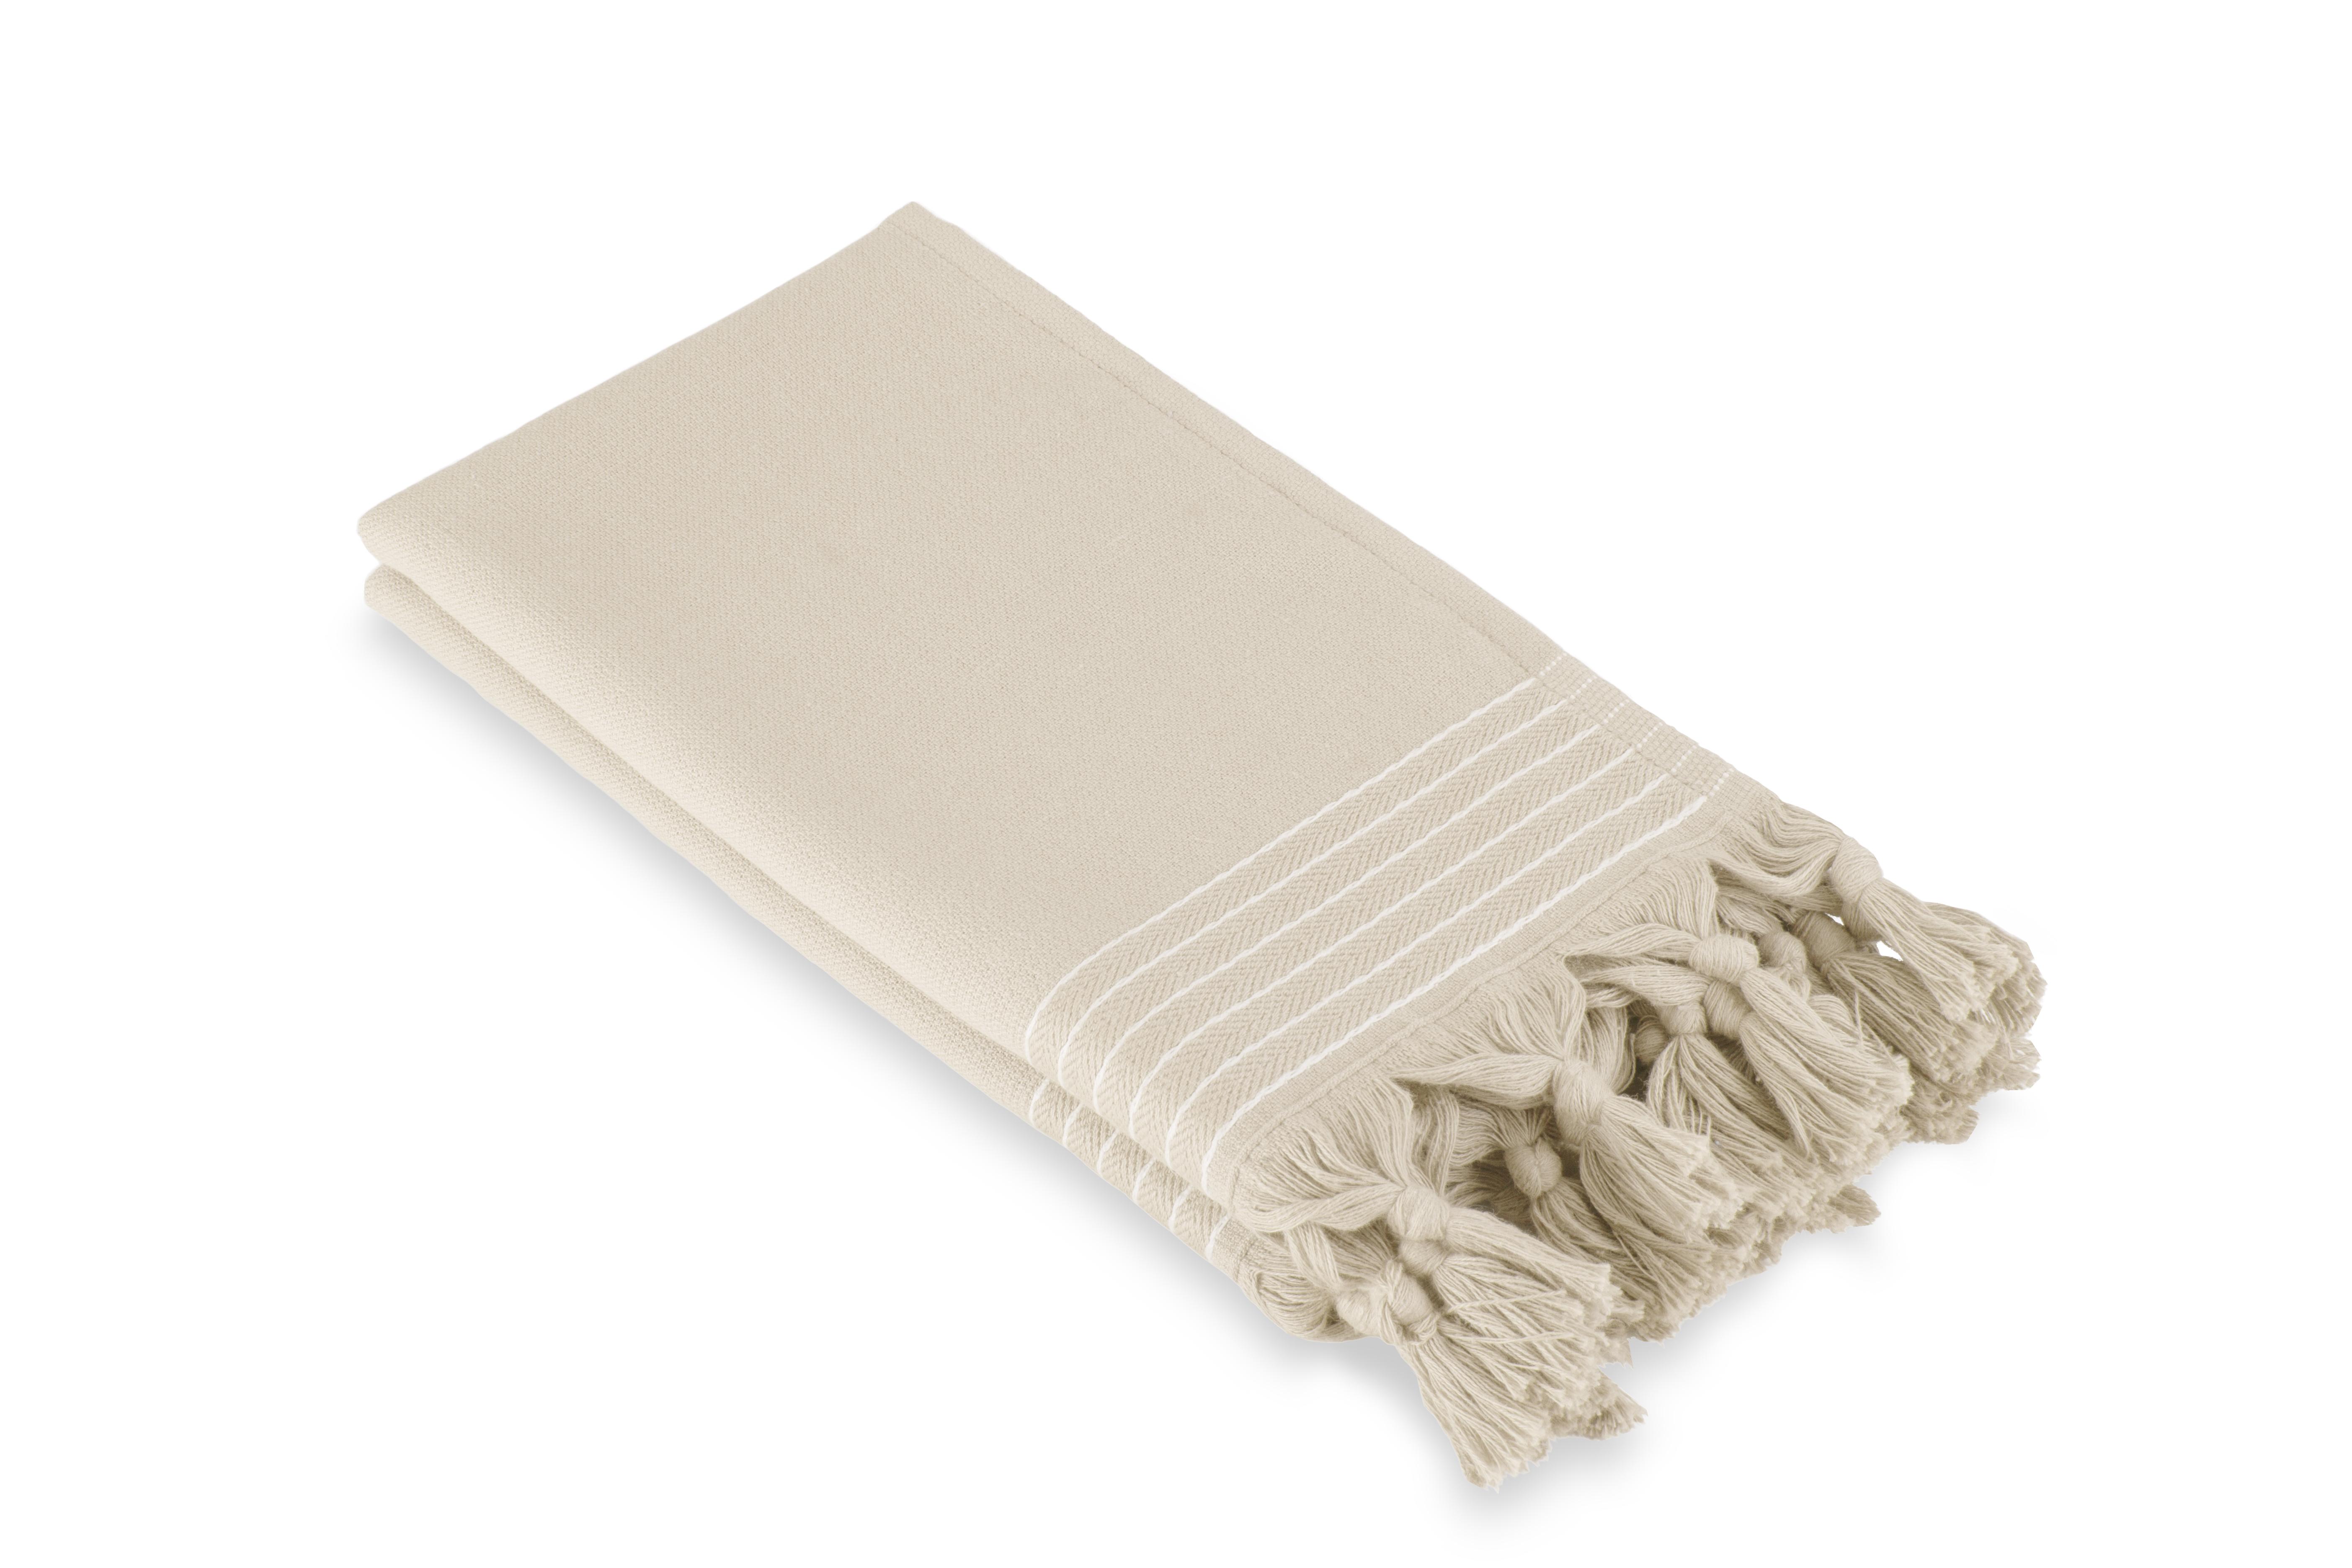 Gastendoek Walra Soft Katoen Hamam (30x50) Kiezel Grijs - 2 stuks